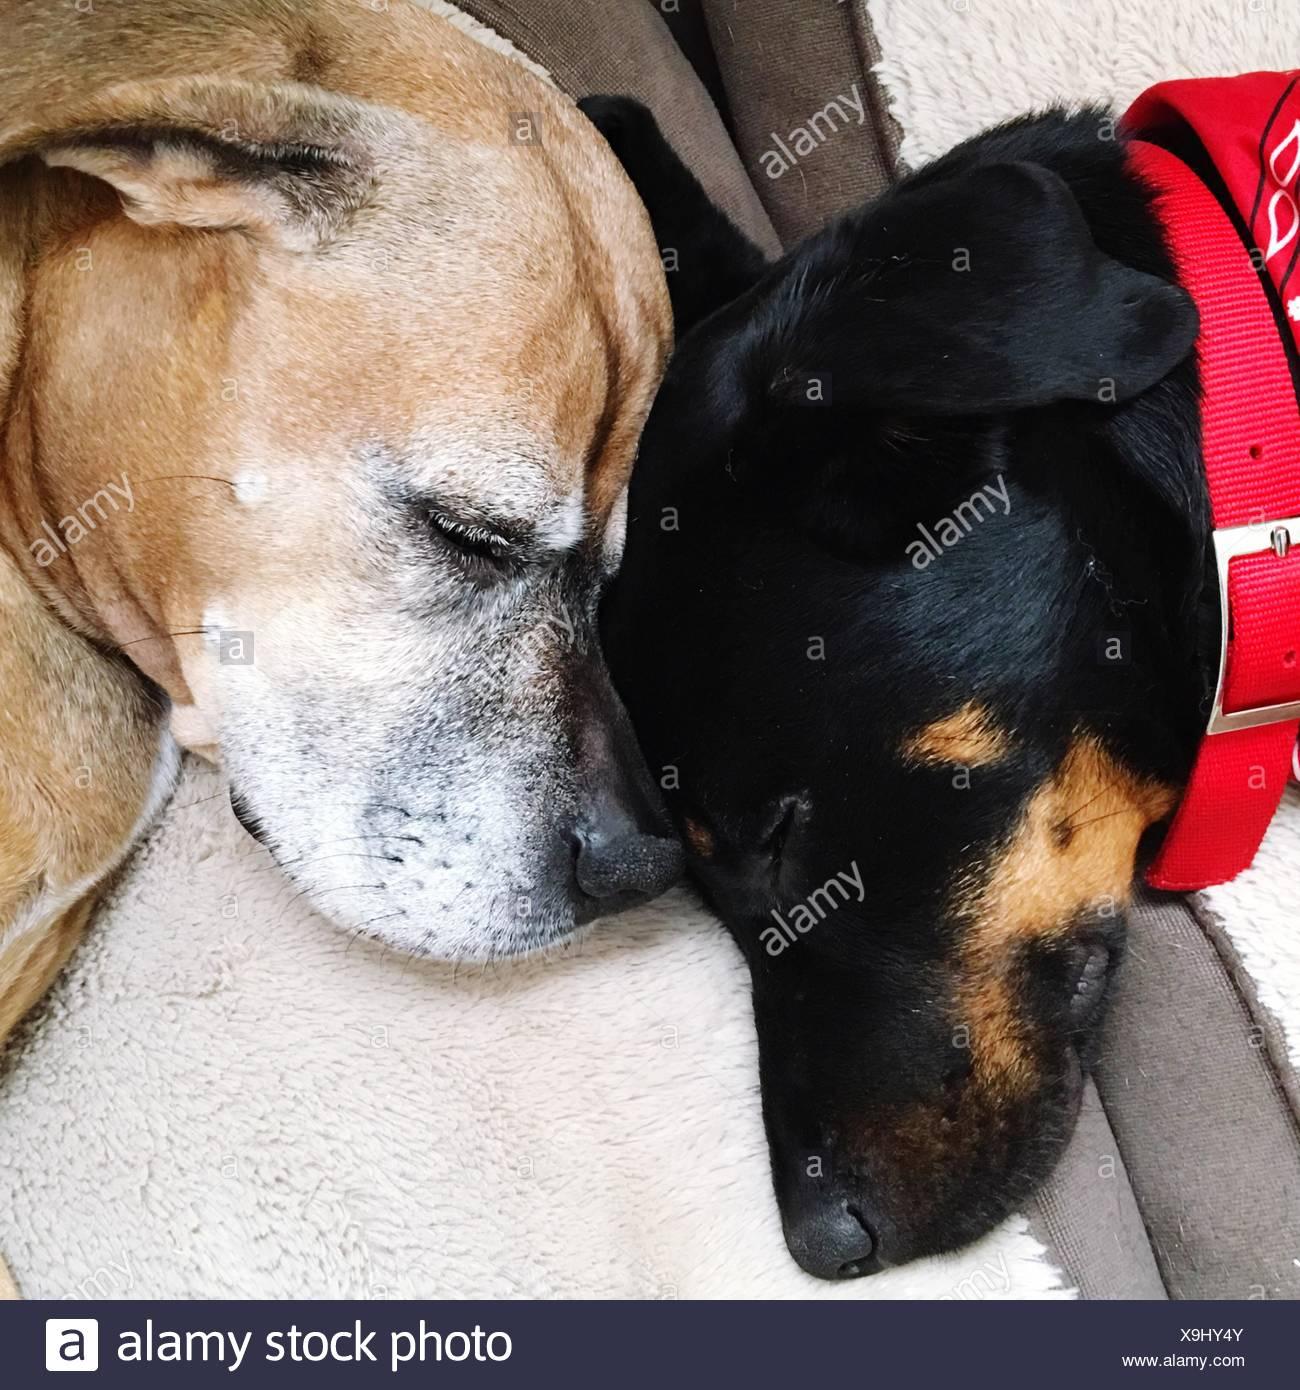 High Angle View Of Dogs Sleeping On Sofa - Stock Image